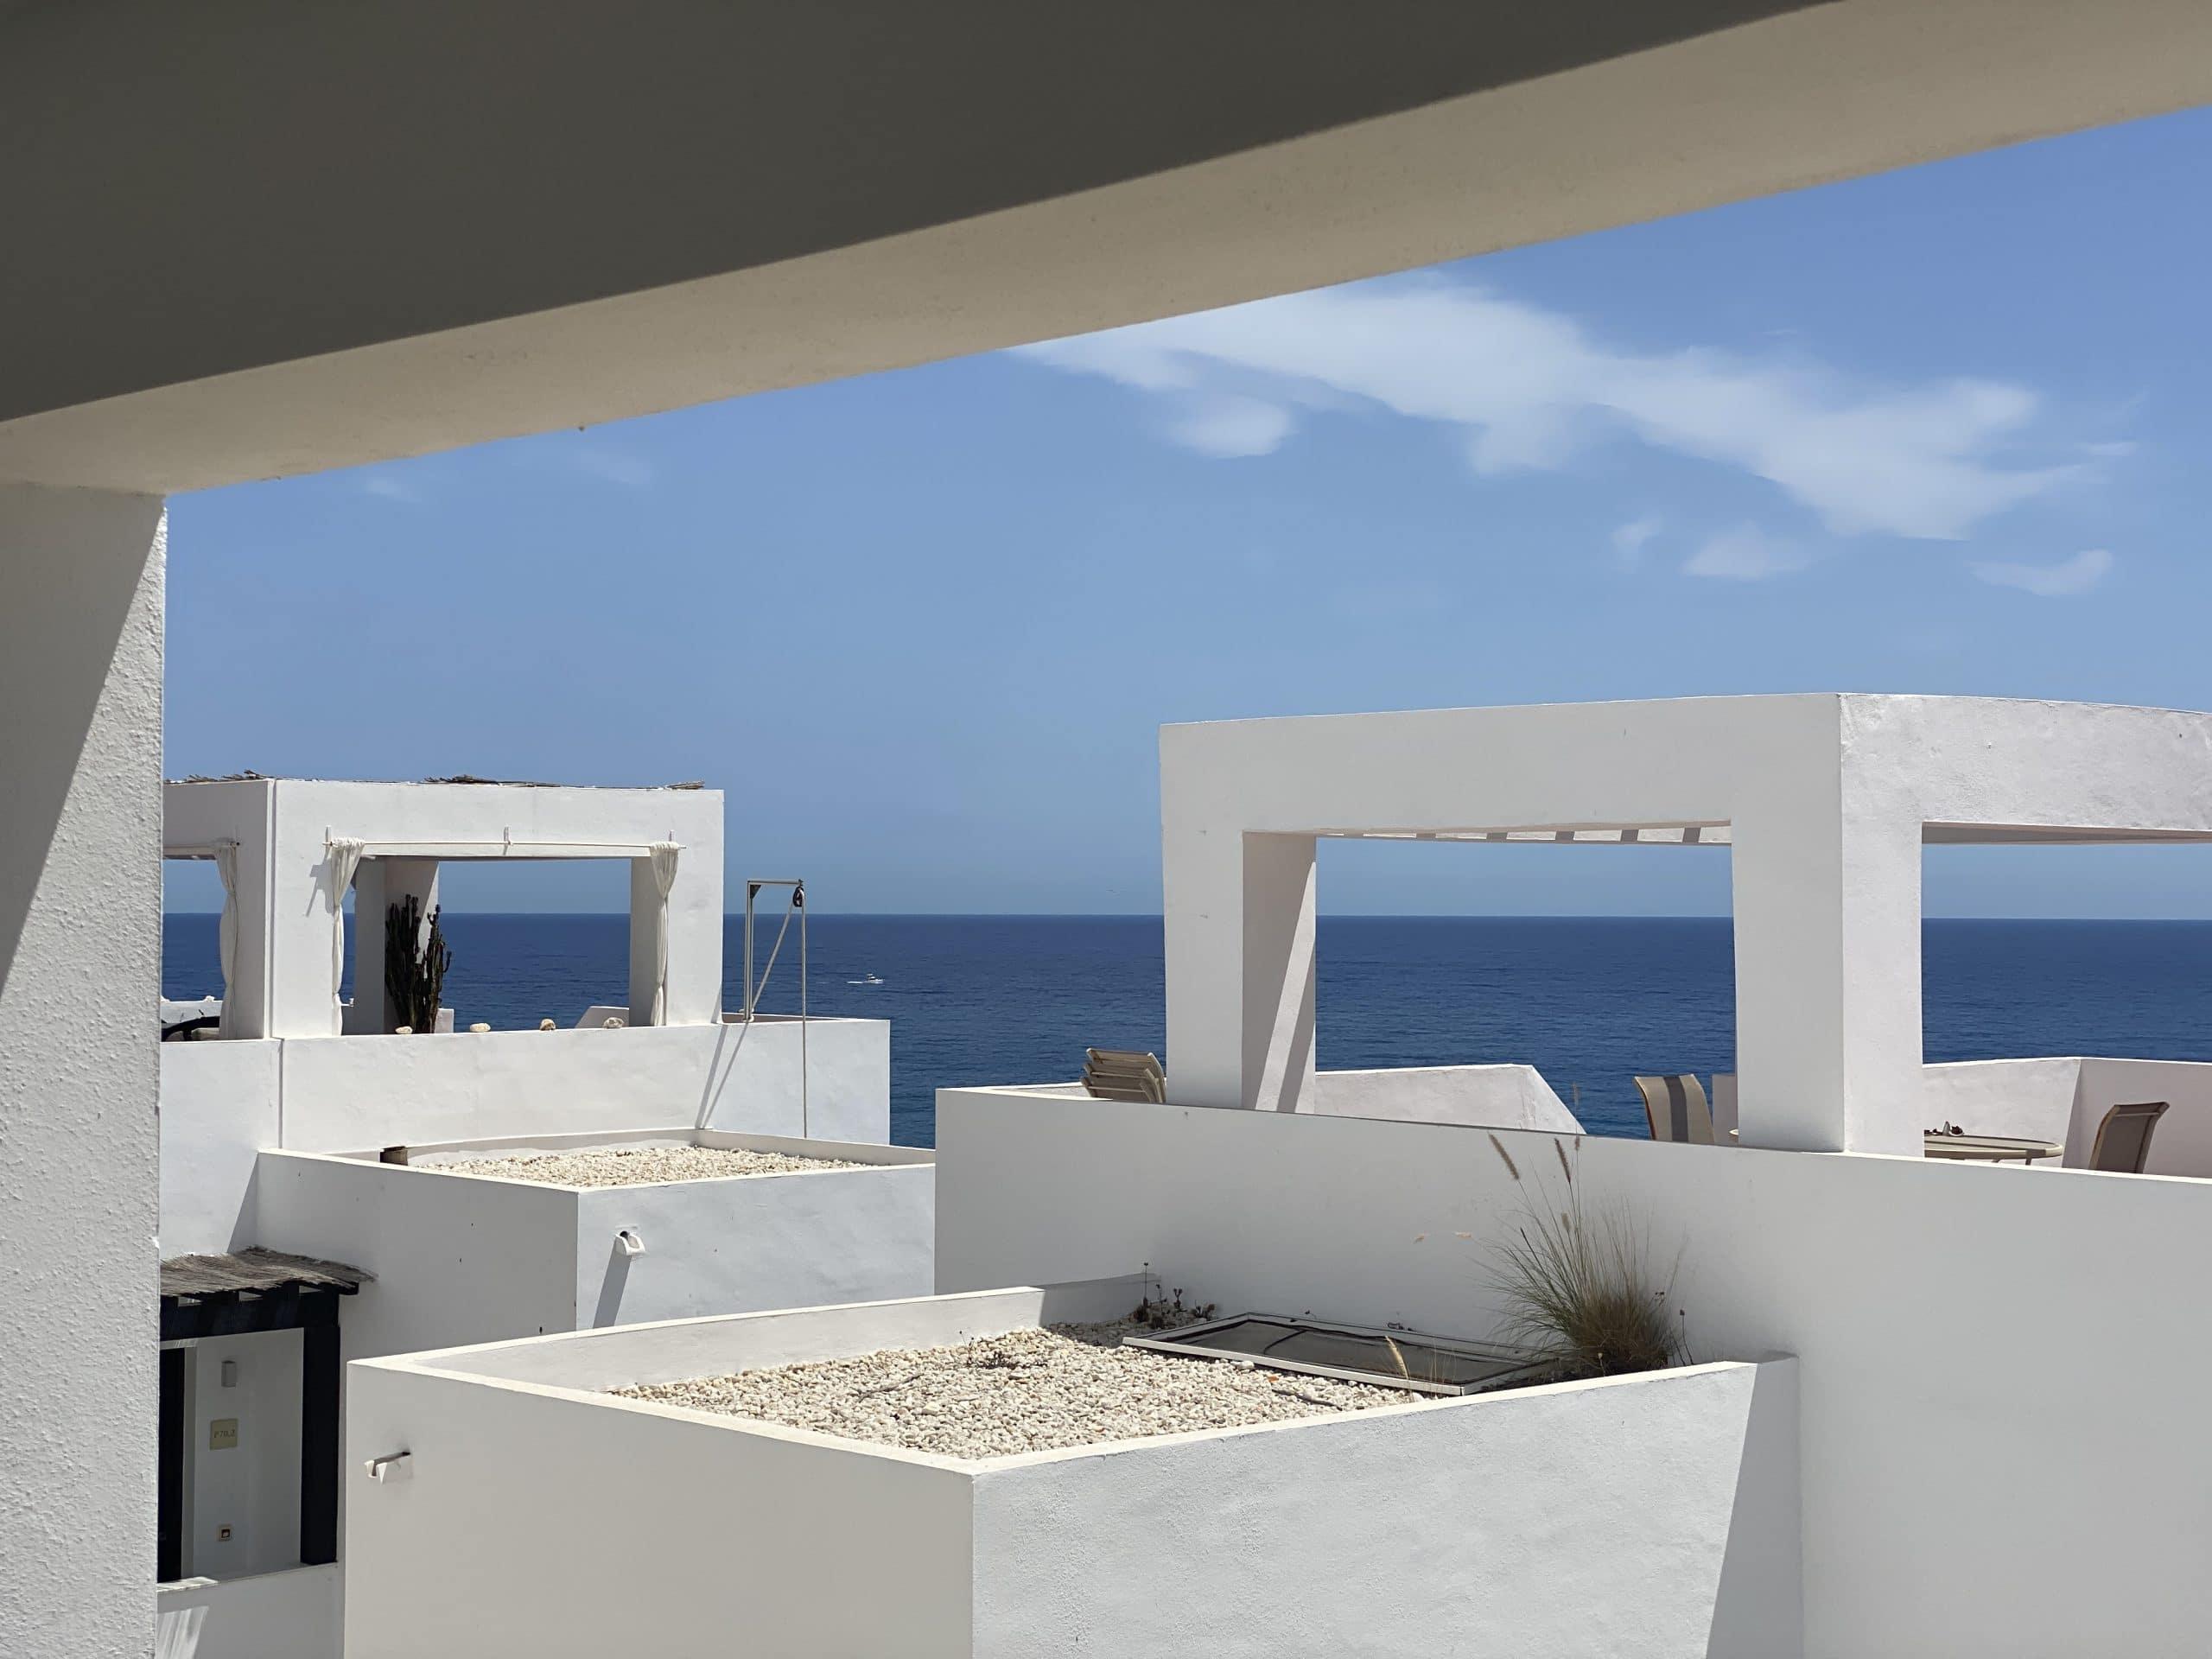 Luxusní apartmány v Mojacaru 125.000 €